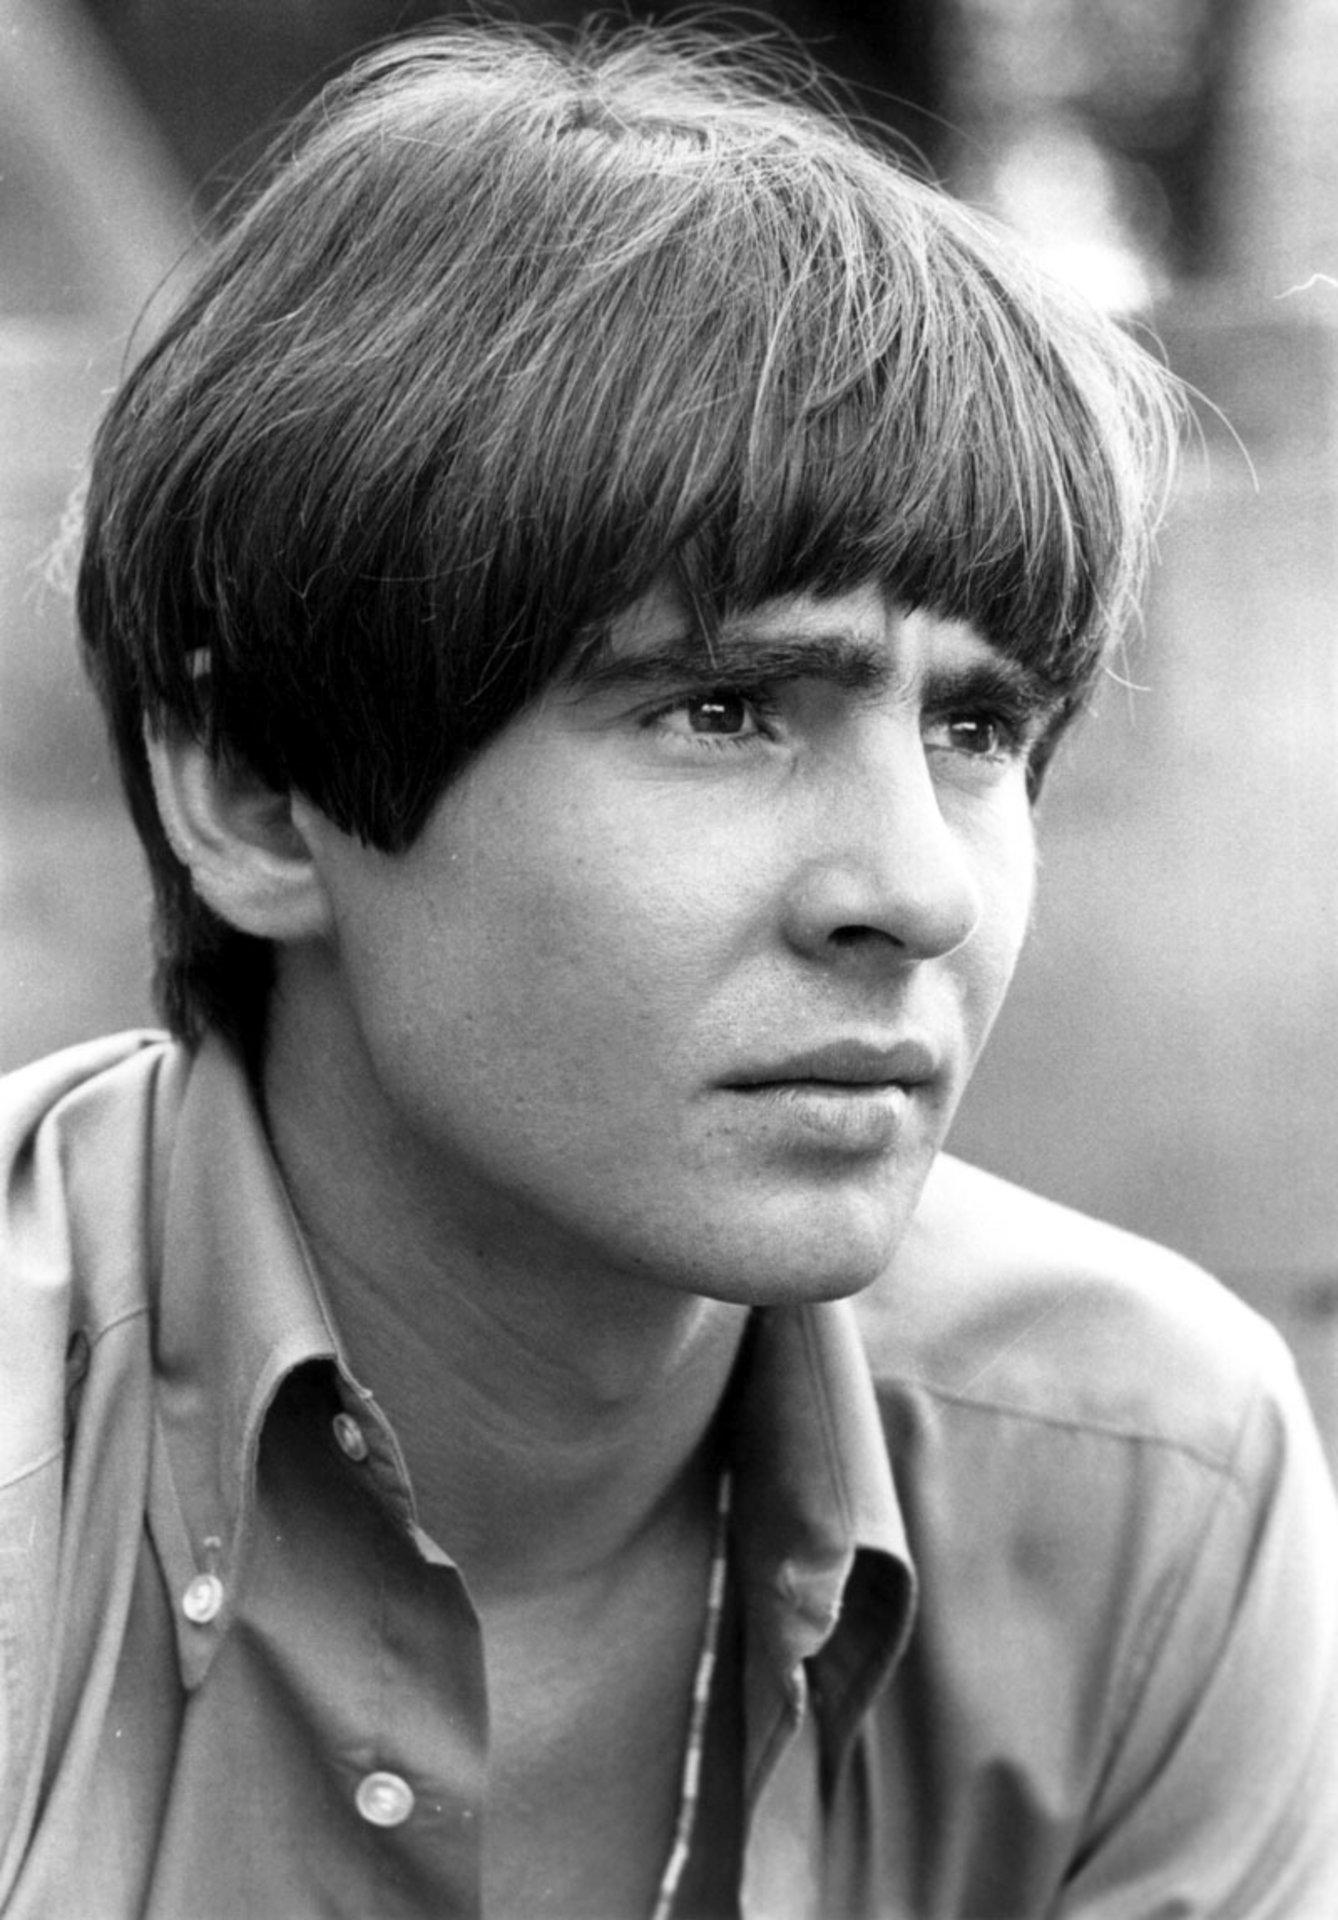 Monkees-Sänger <b>Davy Jones</b> gestorben - monkees-snger-davy-jones-gestorben-1-rcm0x1920u